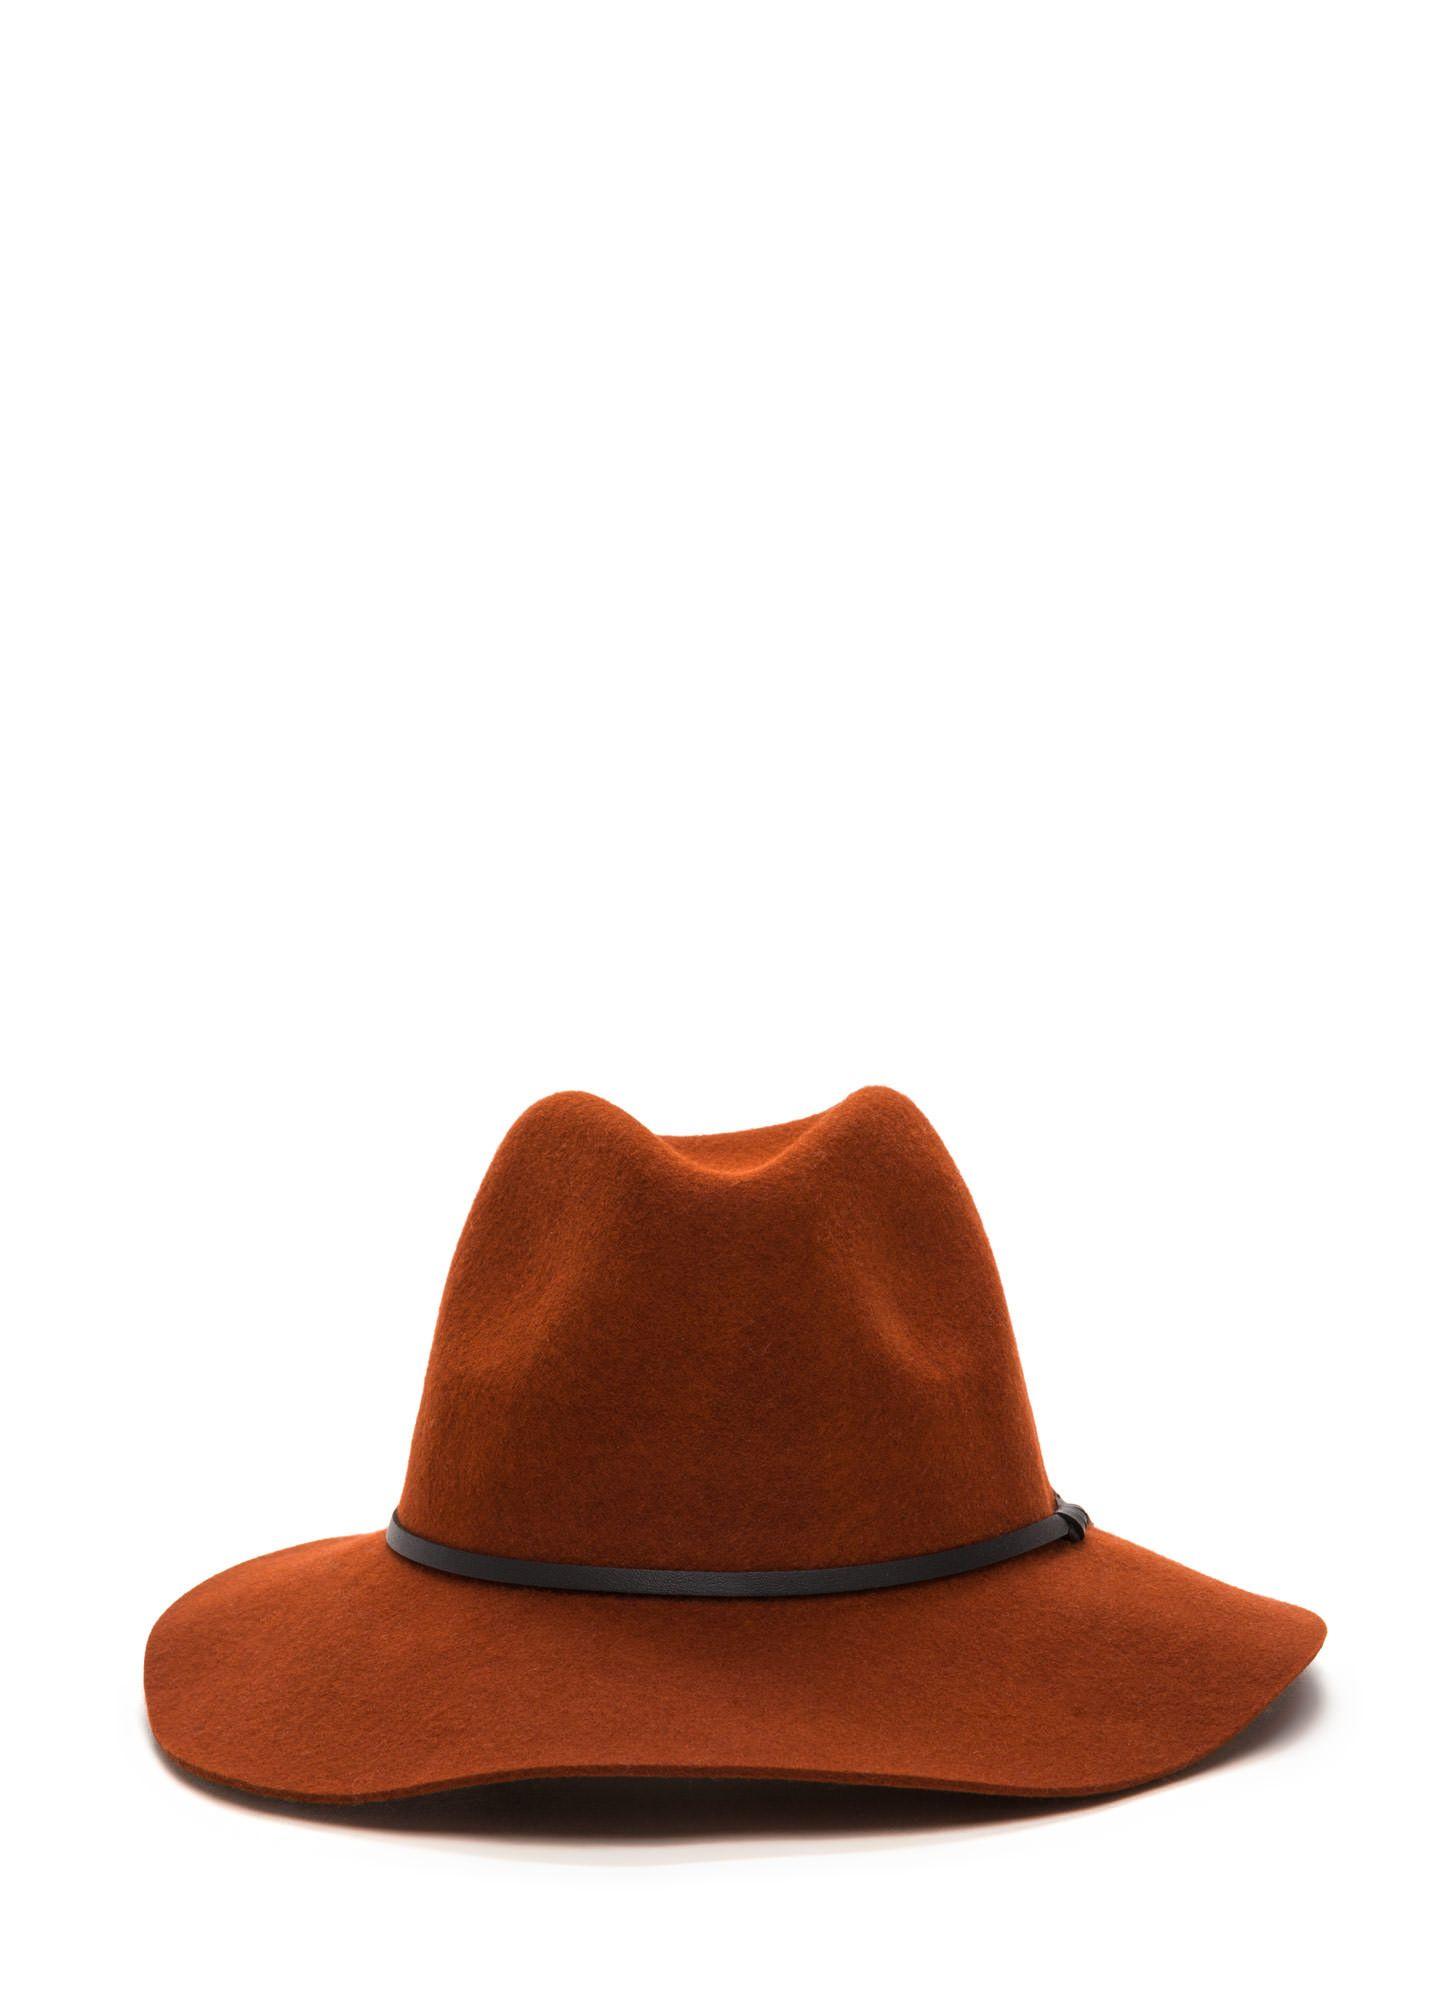 cef45bac2b61e Top It Off Wool Fedora Hat RUST